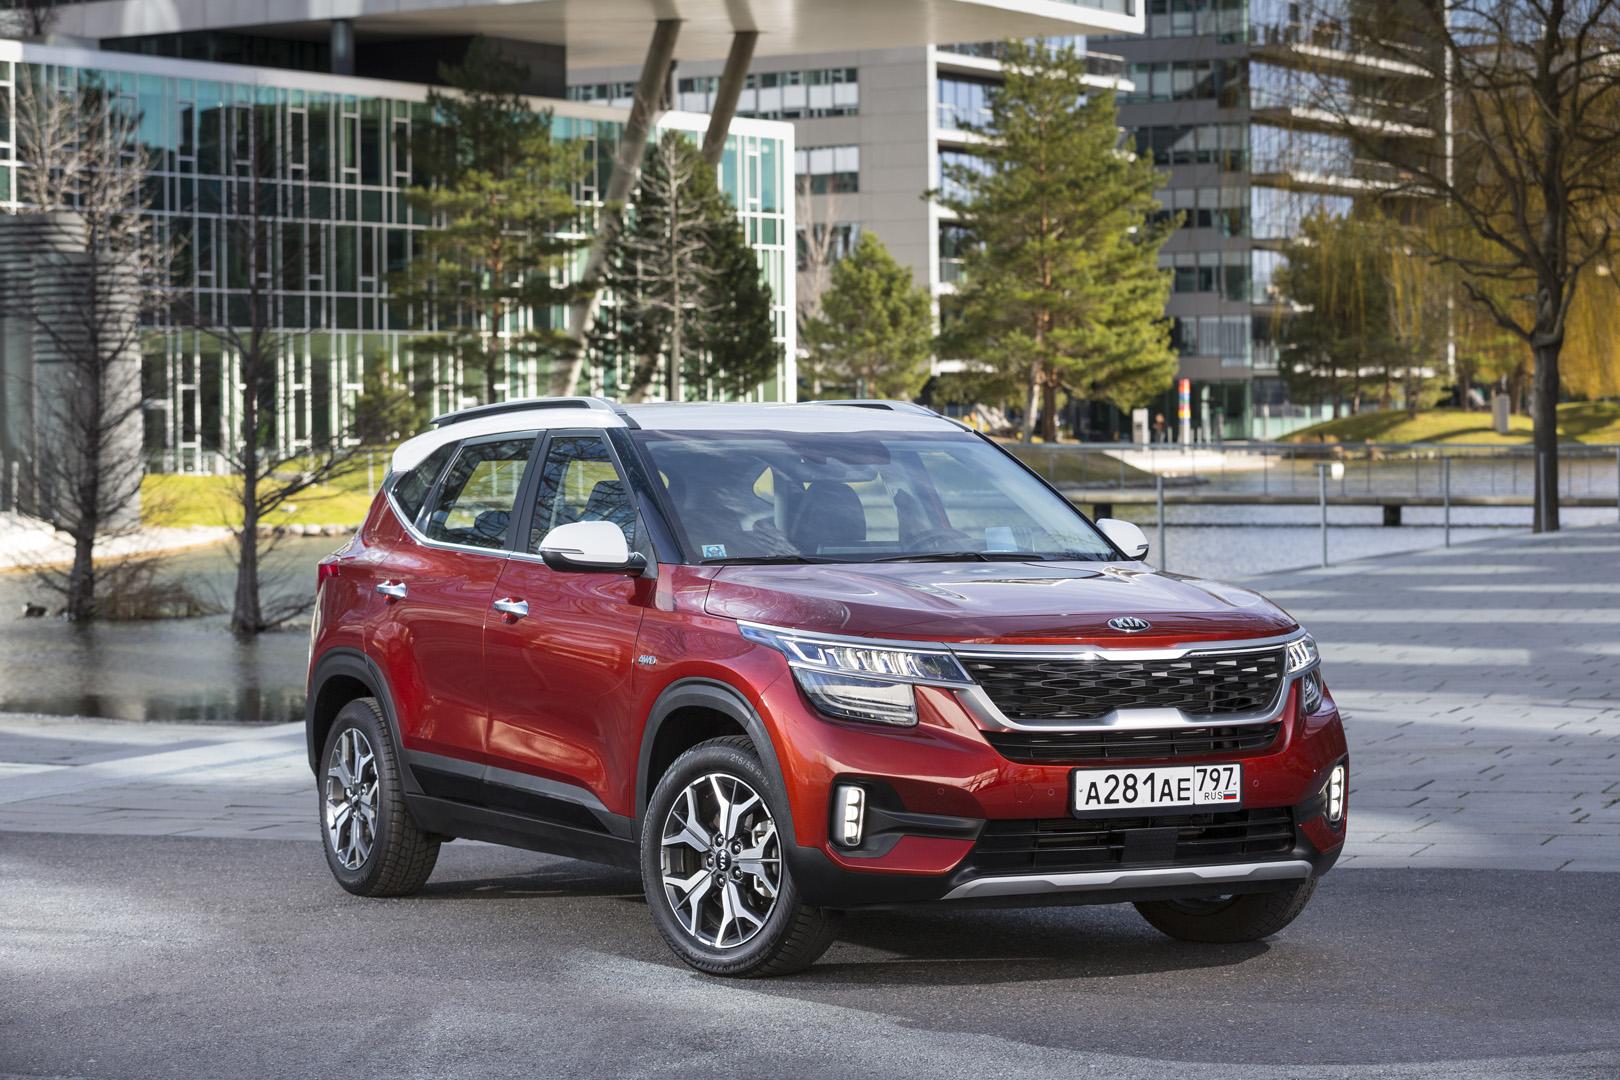 Kia Motors объявляет итоги мировых продаж за 2020 год и планы на 2021 год